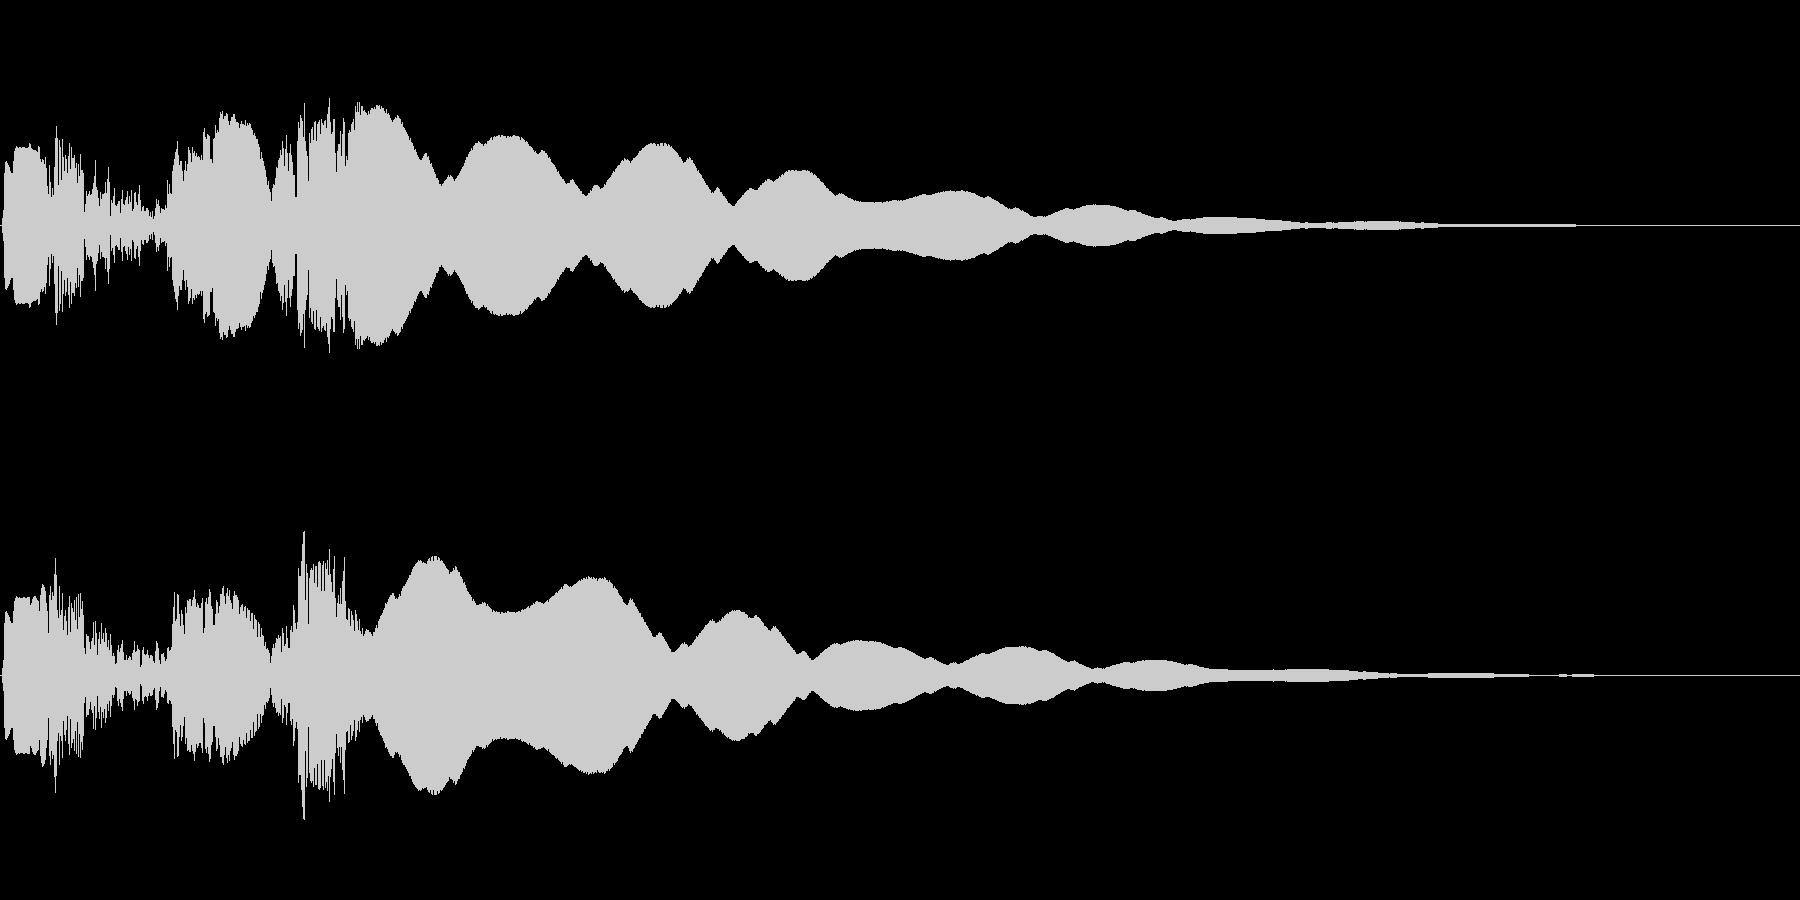 ボタン押下や決定音_ピュルキーン!の未再生の波形